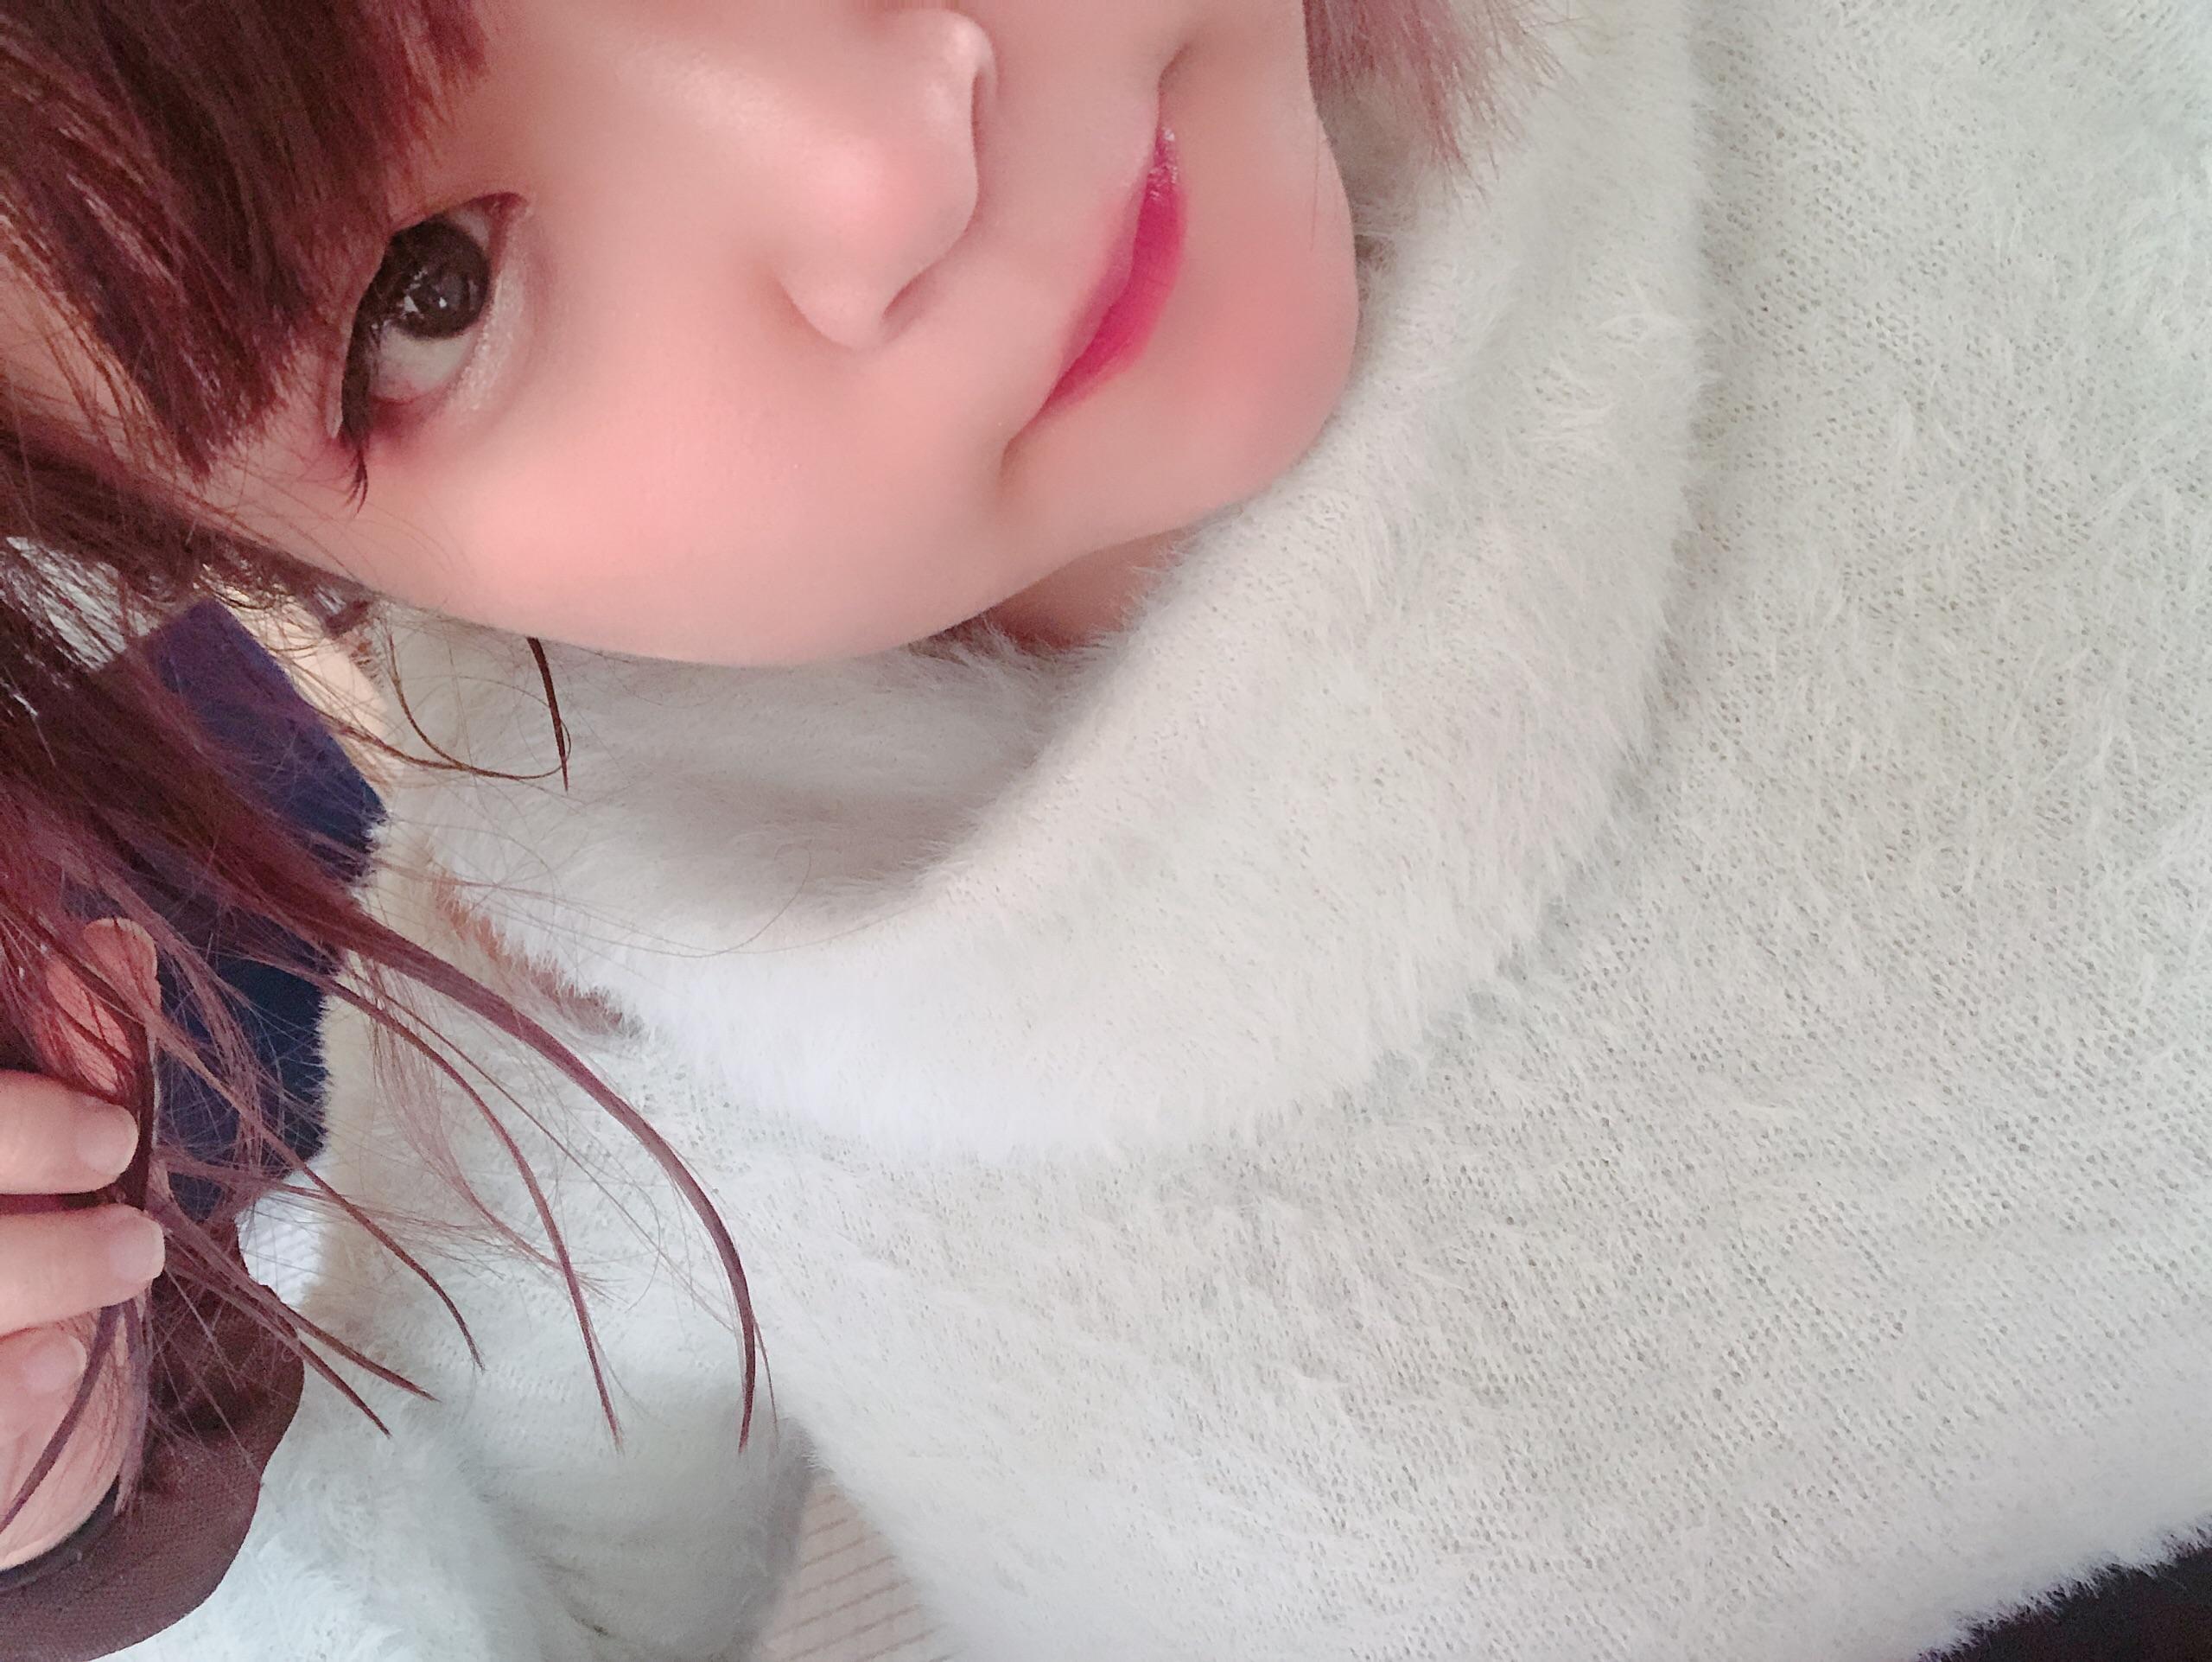 「おっぱいたぷたぷゆんゆん」12/11(12/11) 15:29 | 業界初登場♥️美乃里姫ちゃんの写メ・風俗動画